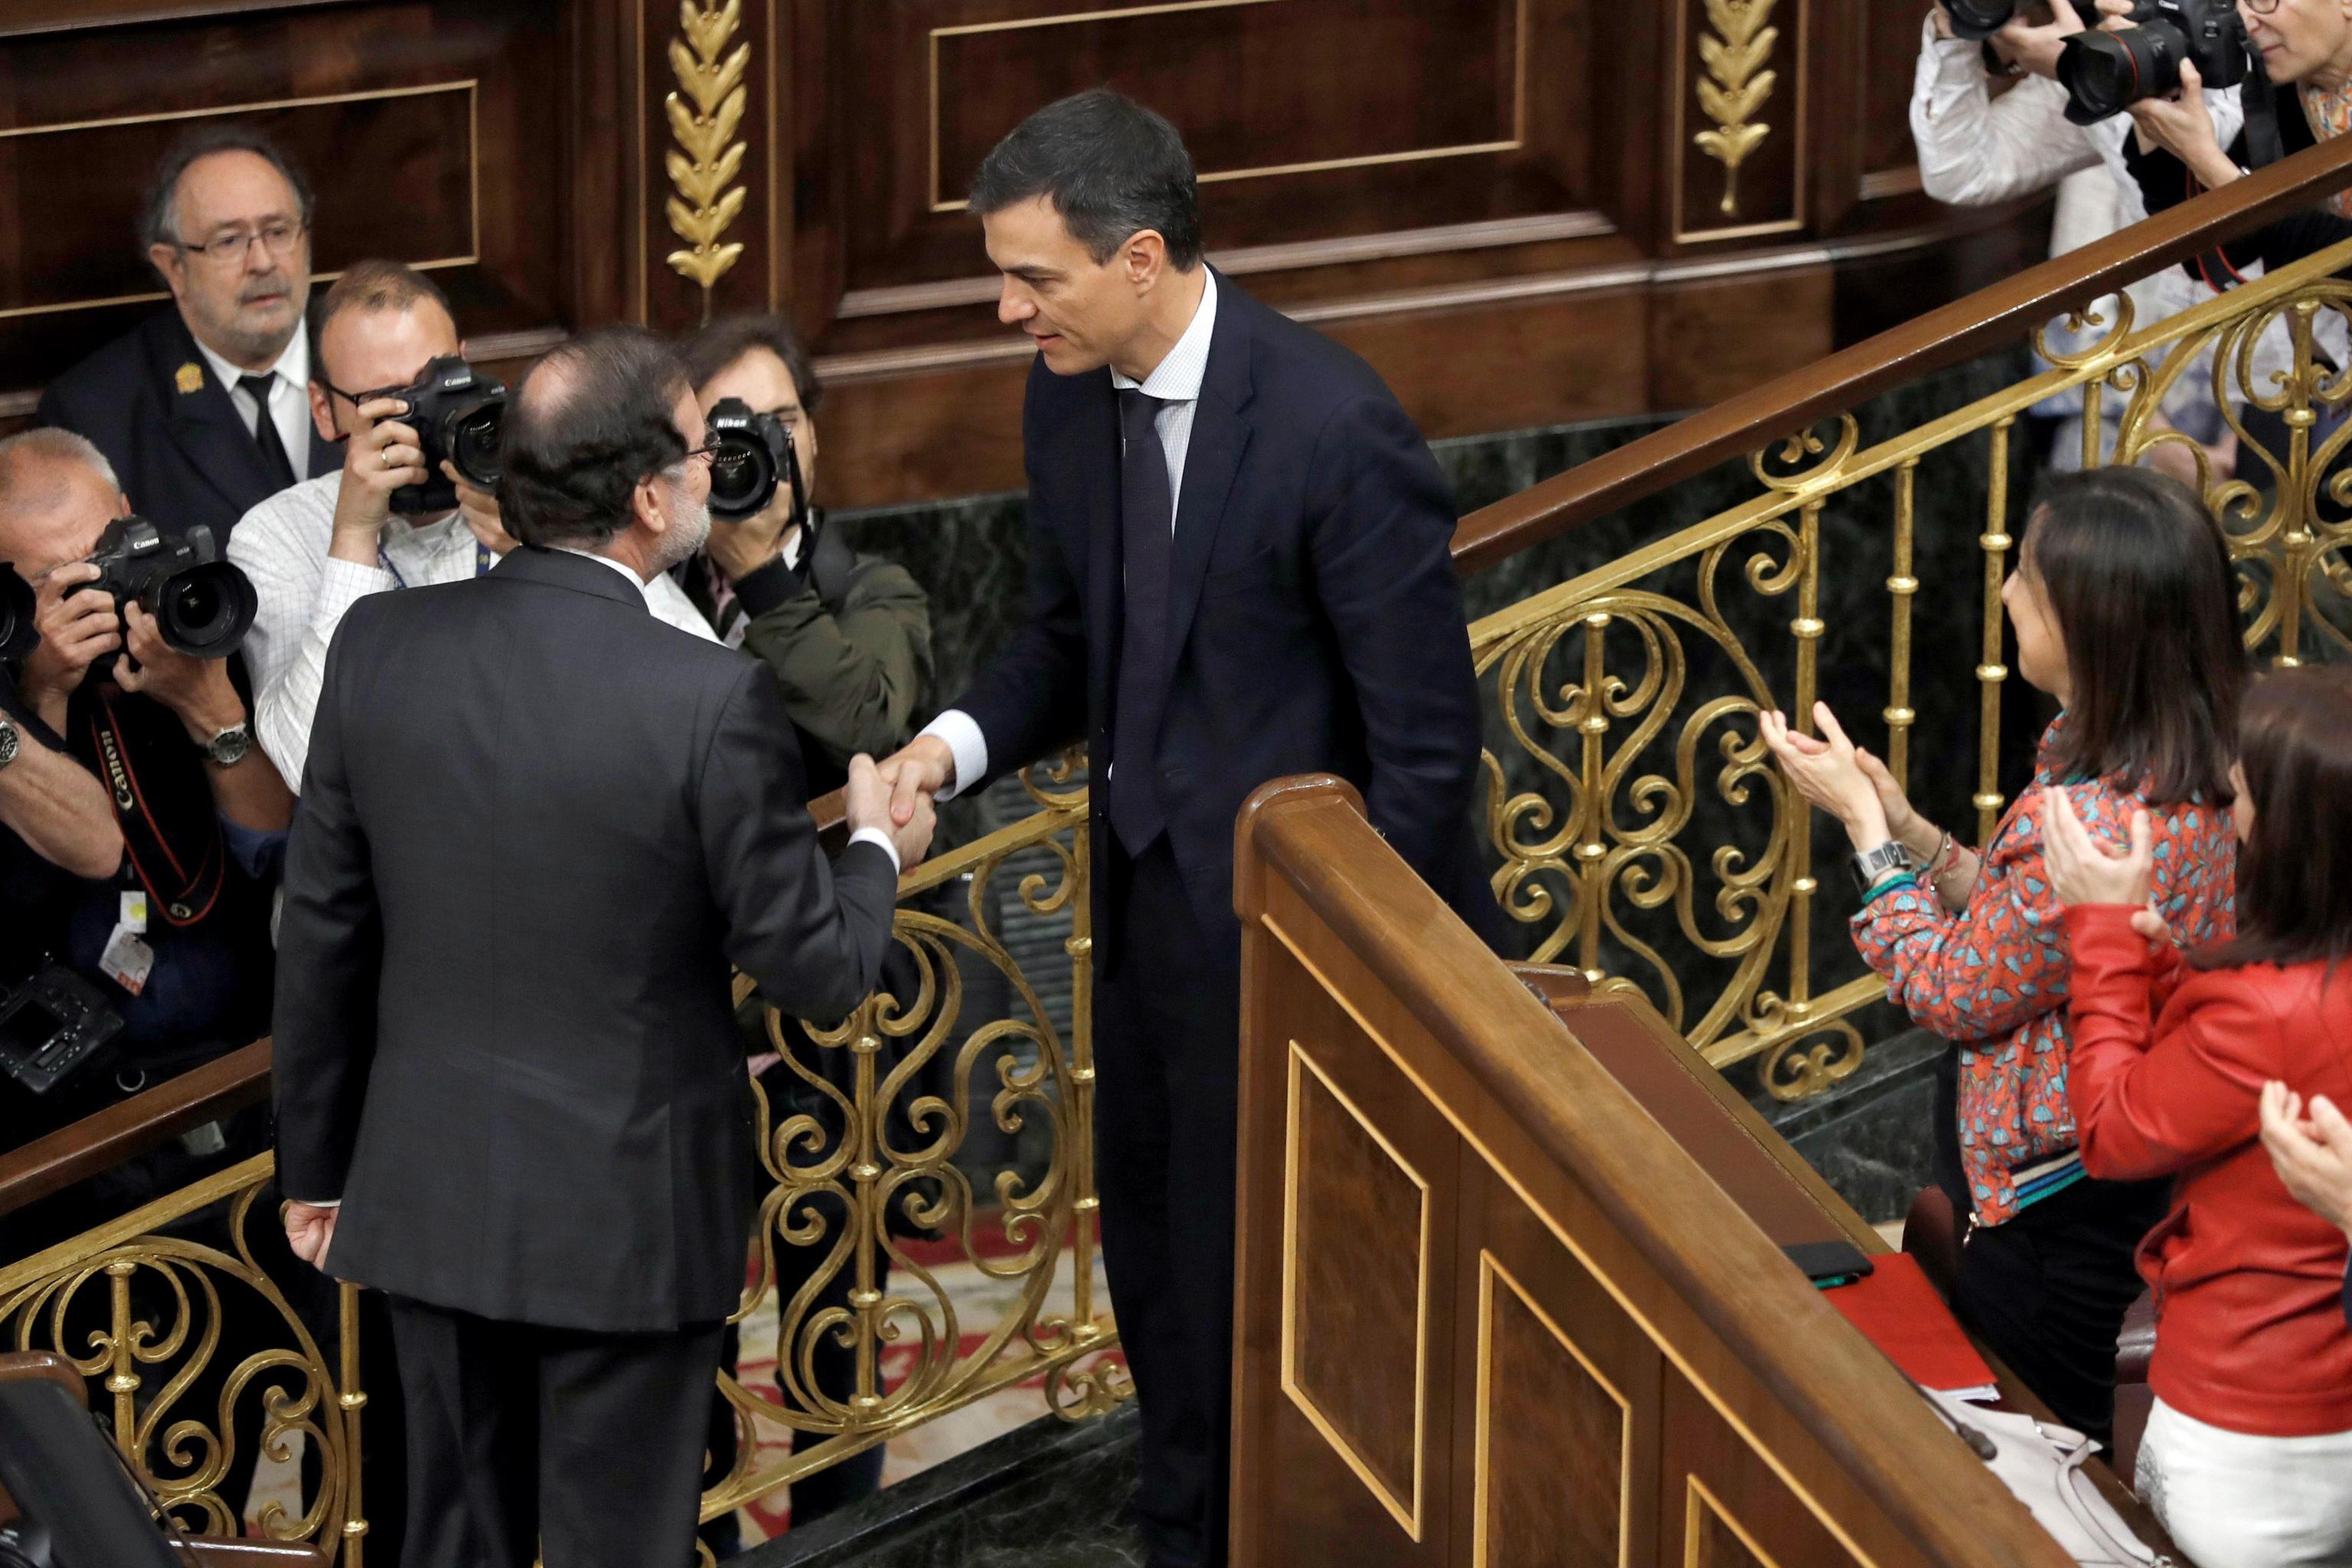 Spagna: Rajoy sfiduciato, il socialista Sanchez è il nuovo premier